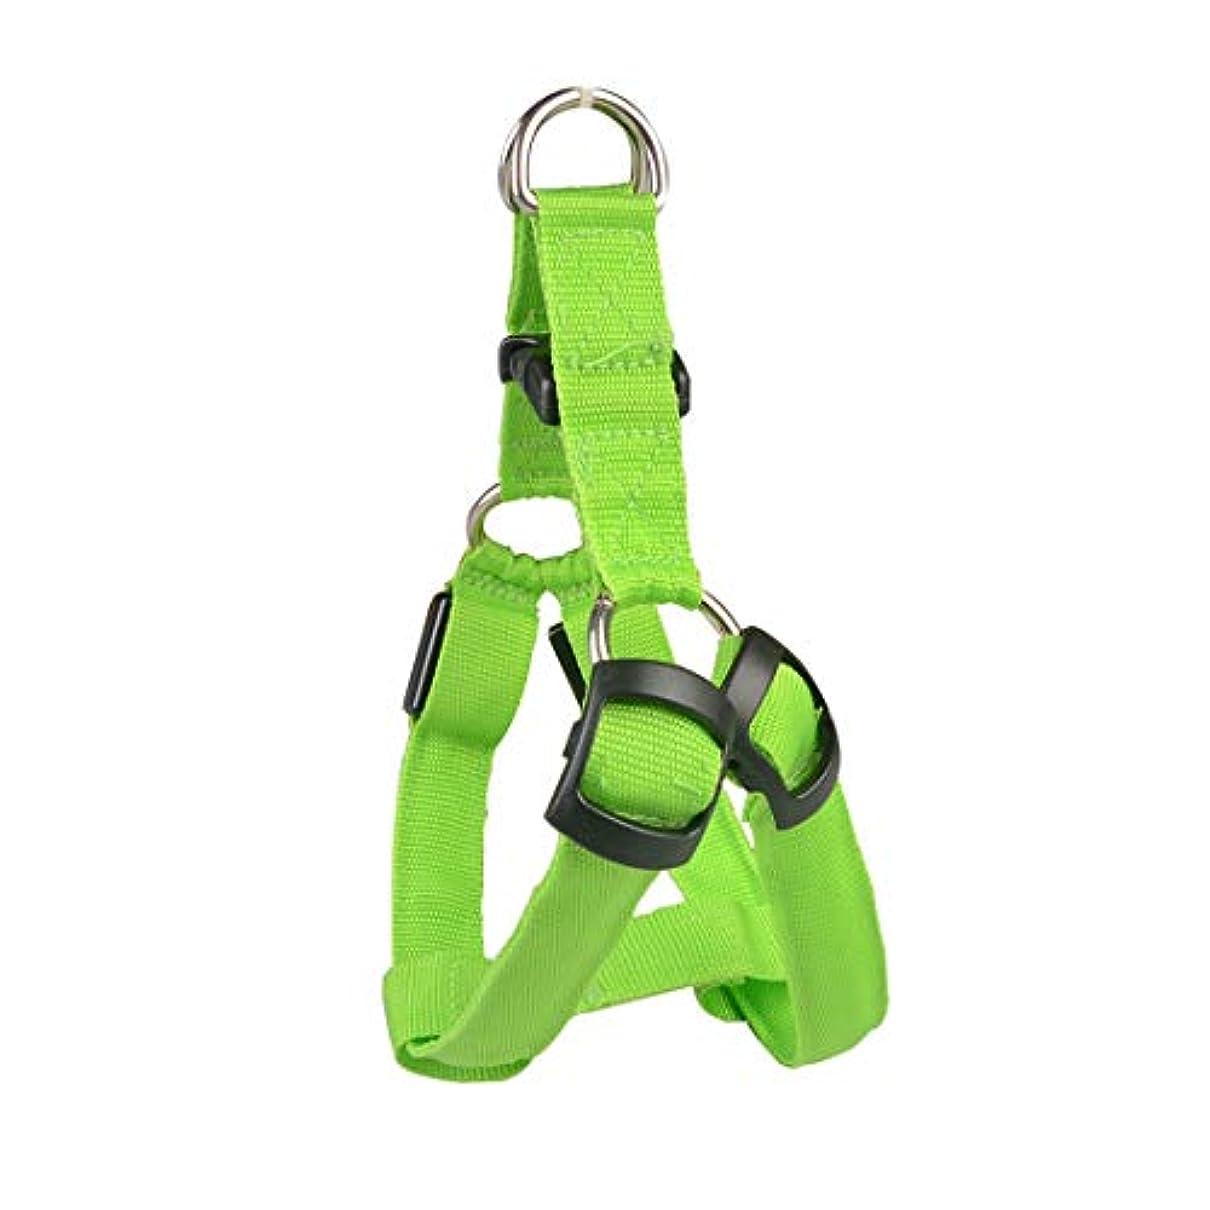 おそらく不毛の思われるKeriya Sende ハーネス 犬用シートベルト 犬のリード ペット用品 LEDライト ドッグ 中?大型犬 犬 首輪 犬 安全保護具 (Color : オレンジ, サイズ : L)